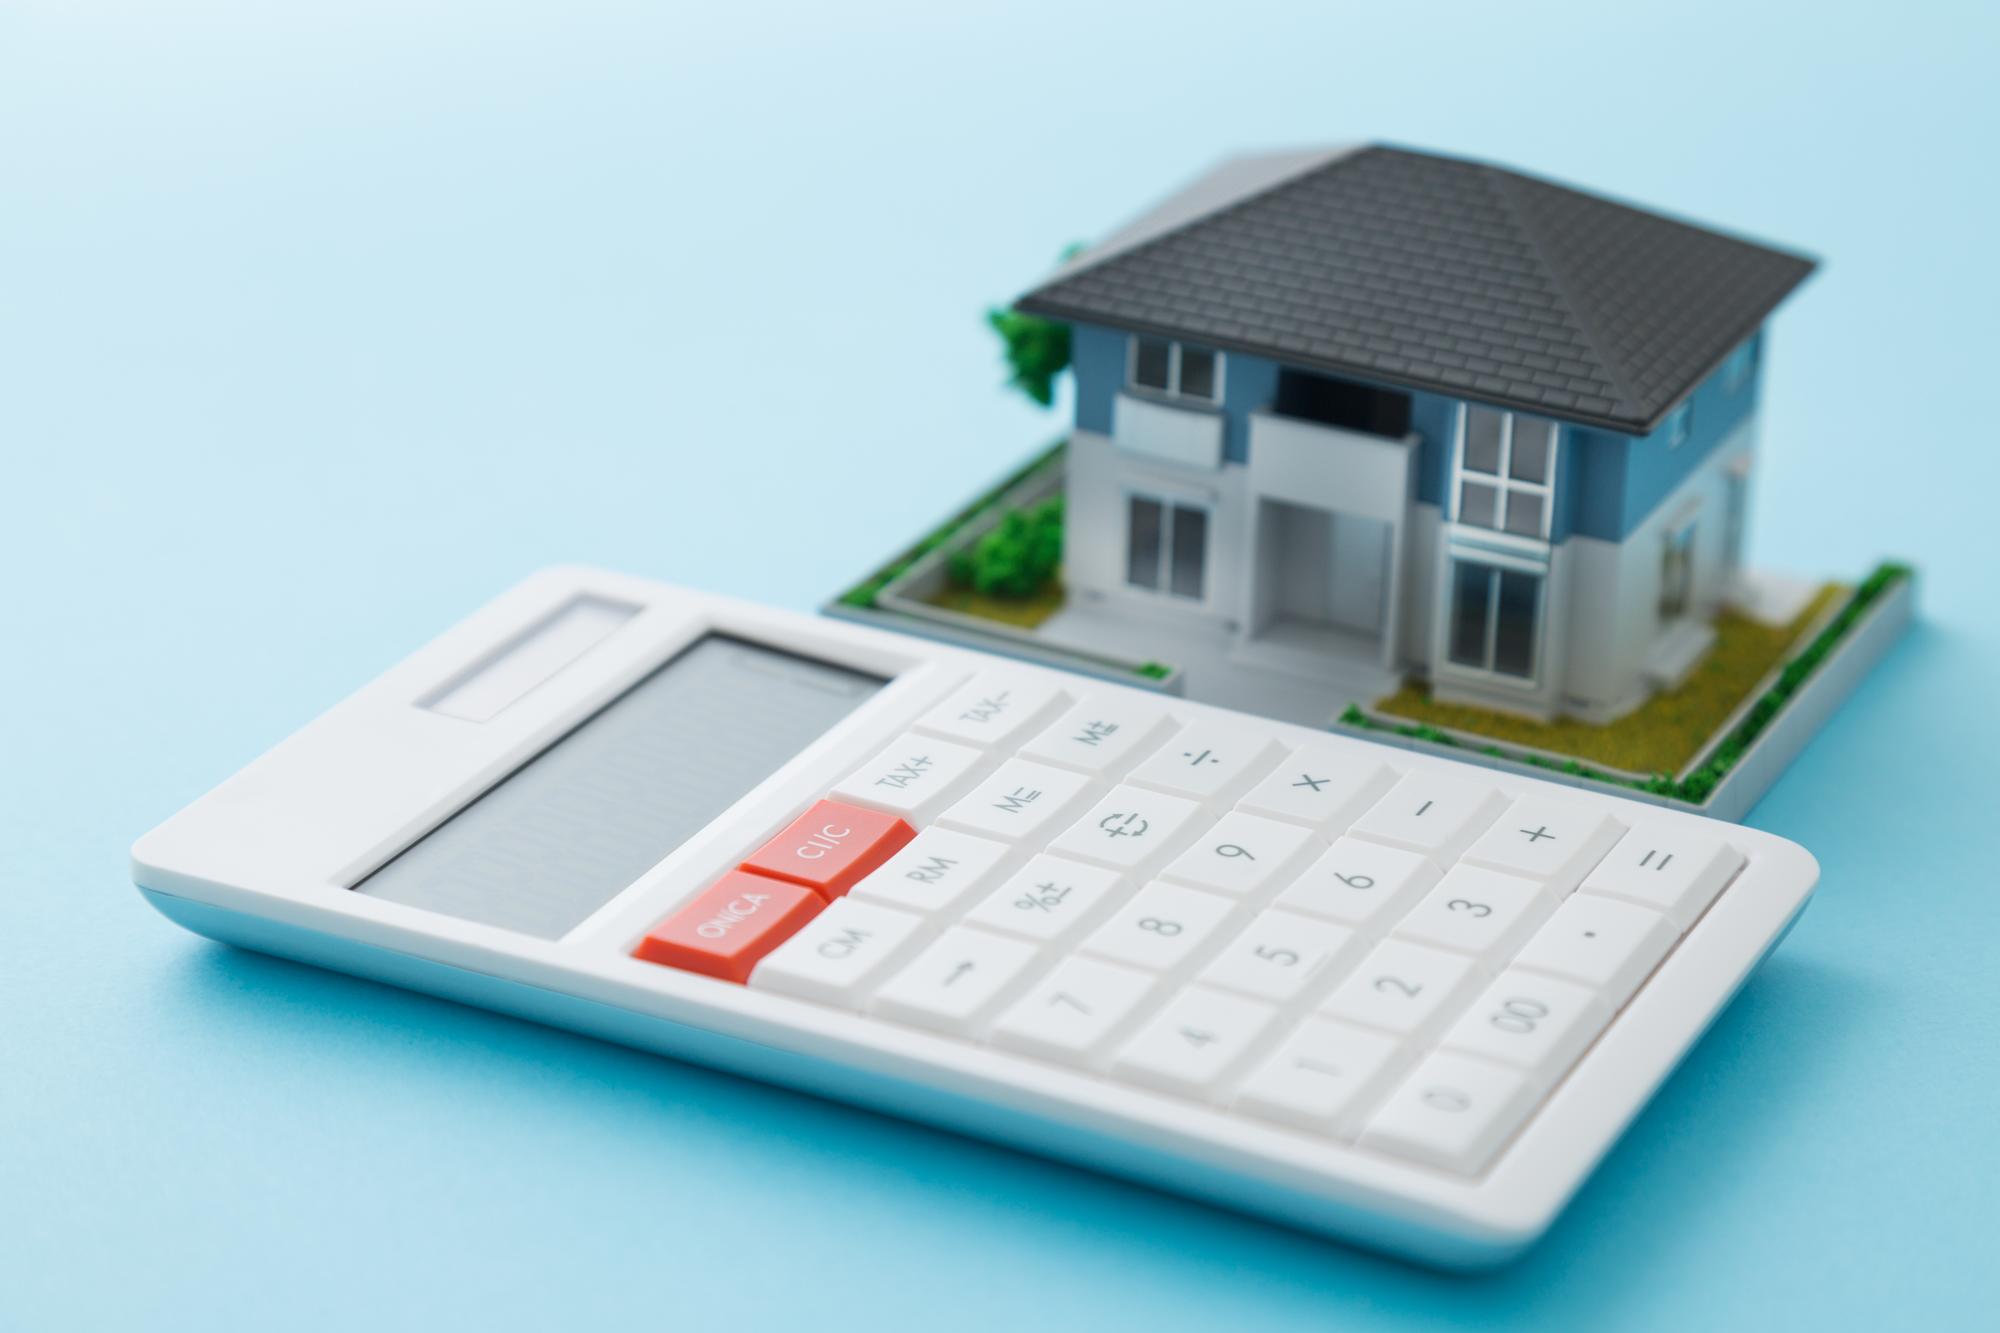 【専門家執筆】資産価値が落ちない家の特徴とは?